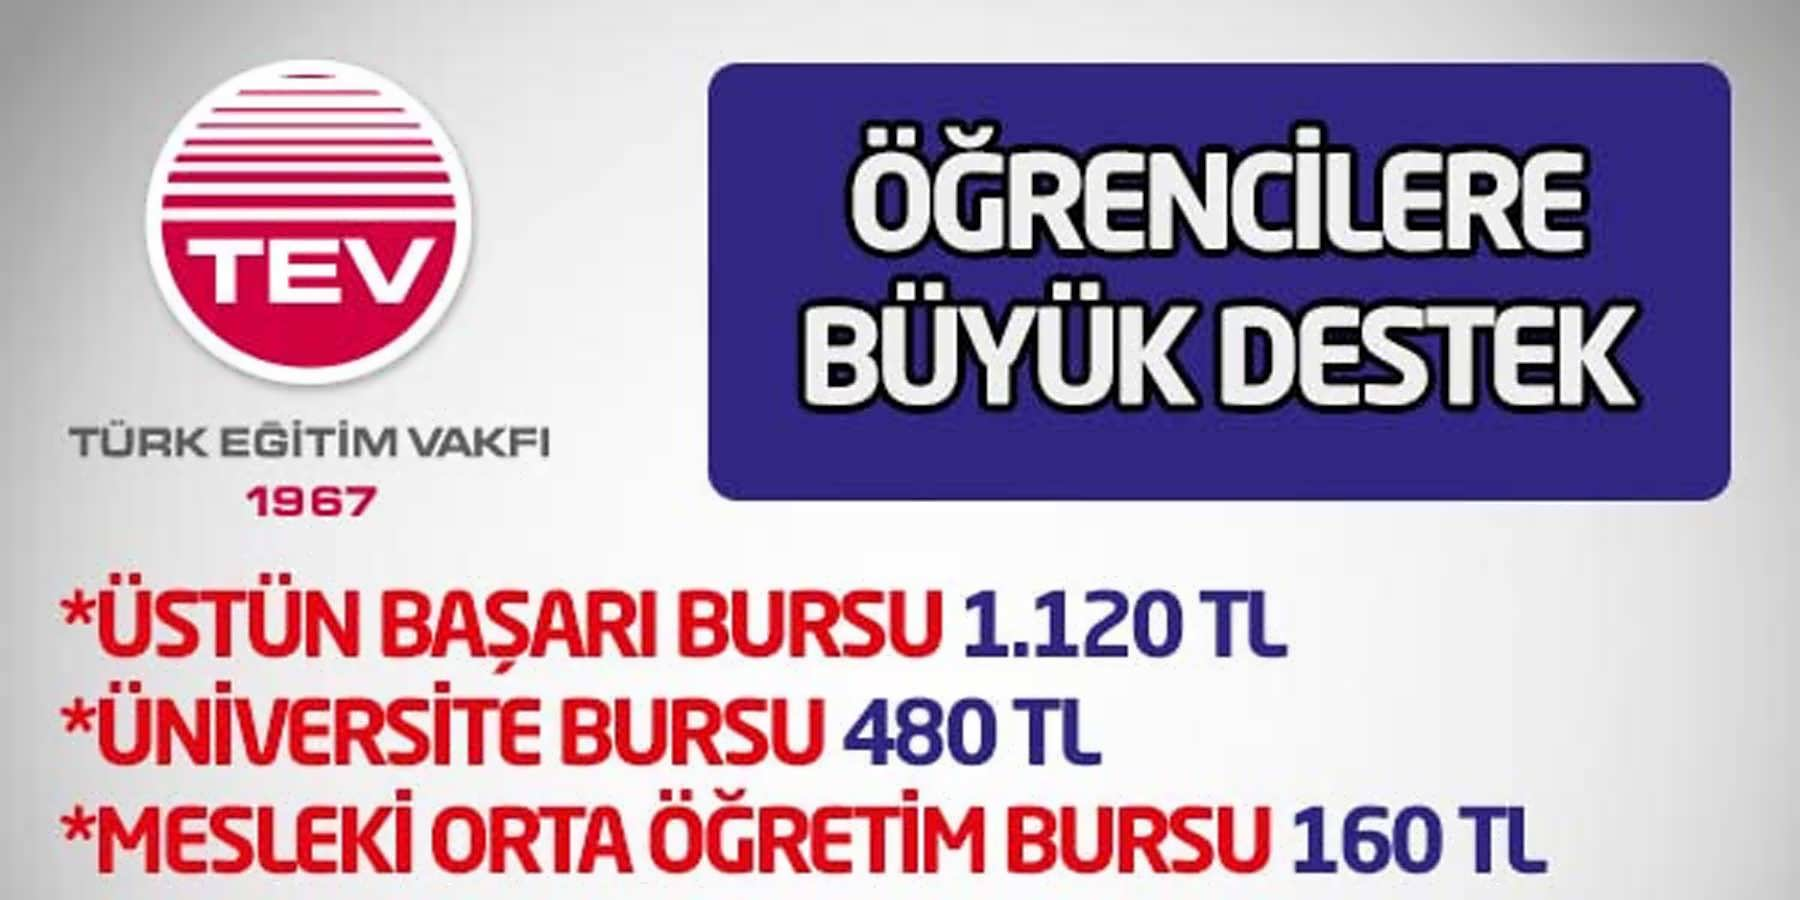 Türk Eğitim Vakfından Öğrencilere Büyük Destek